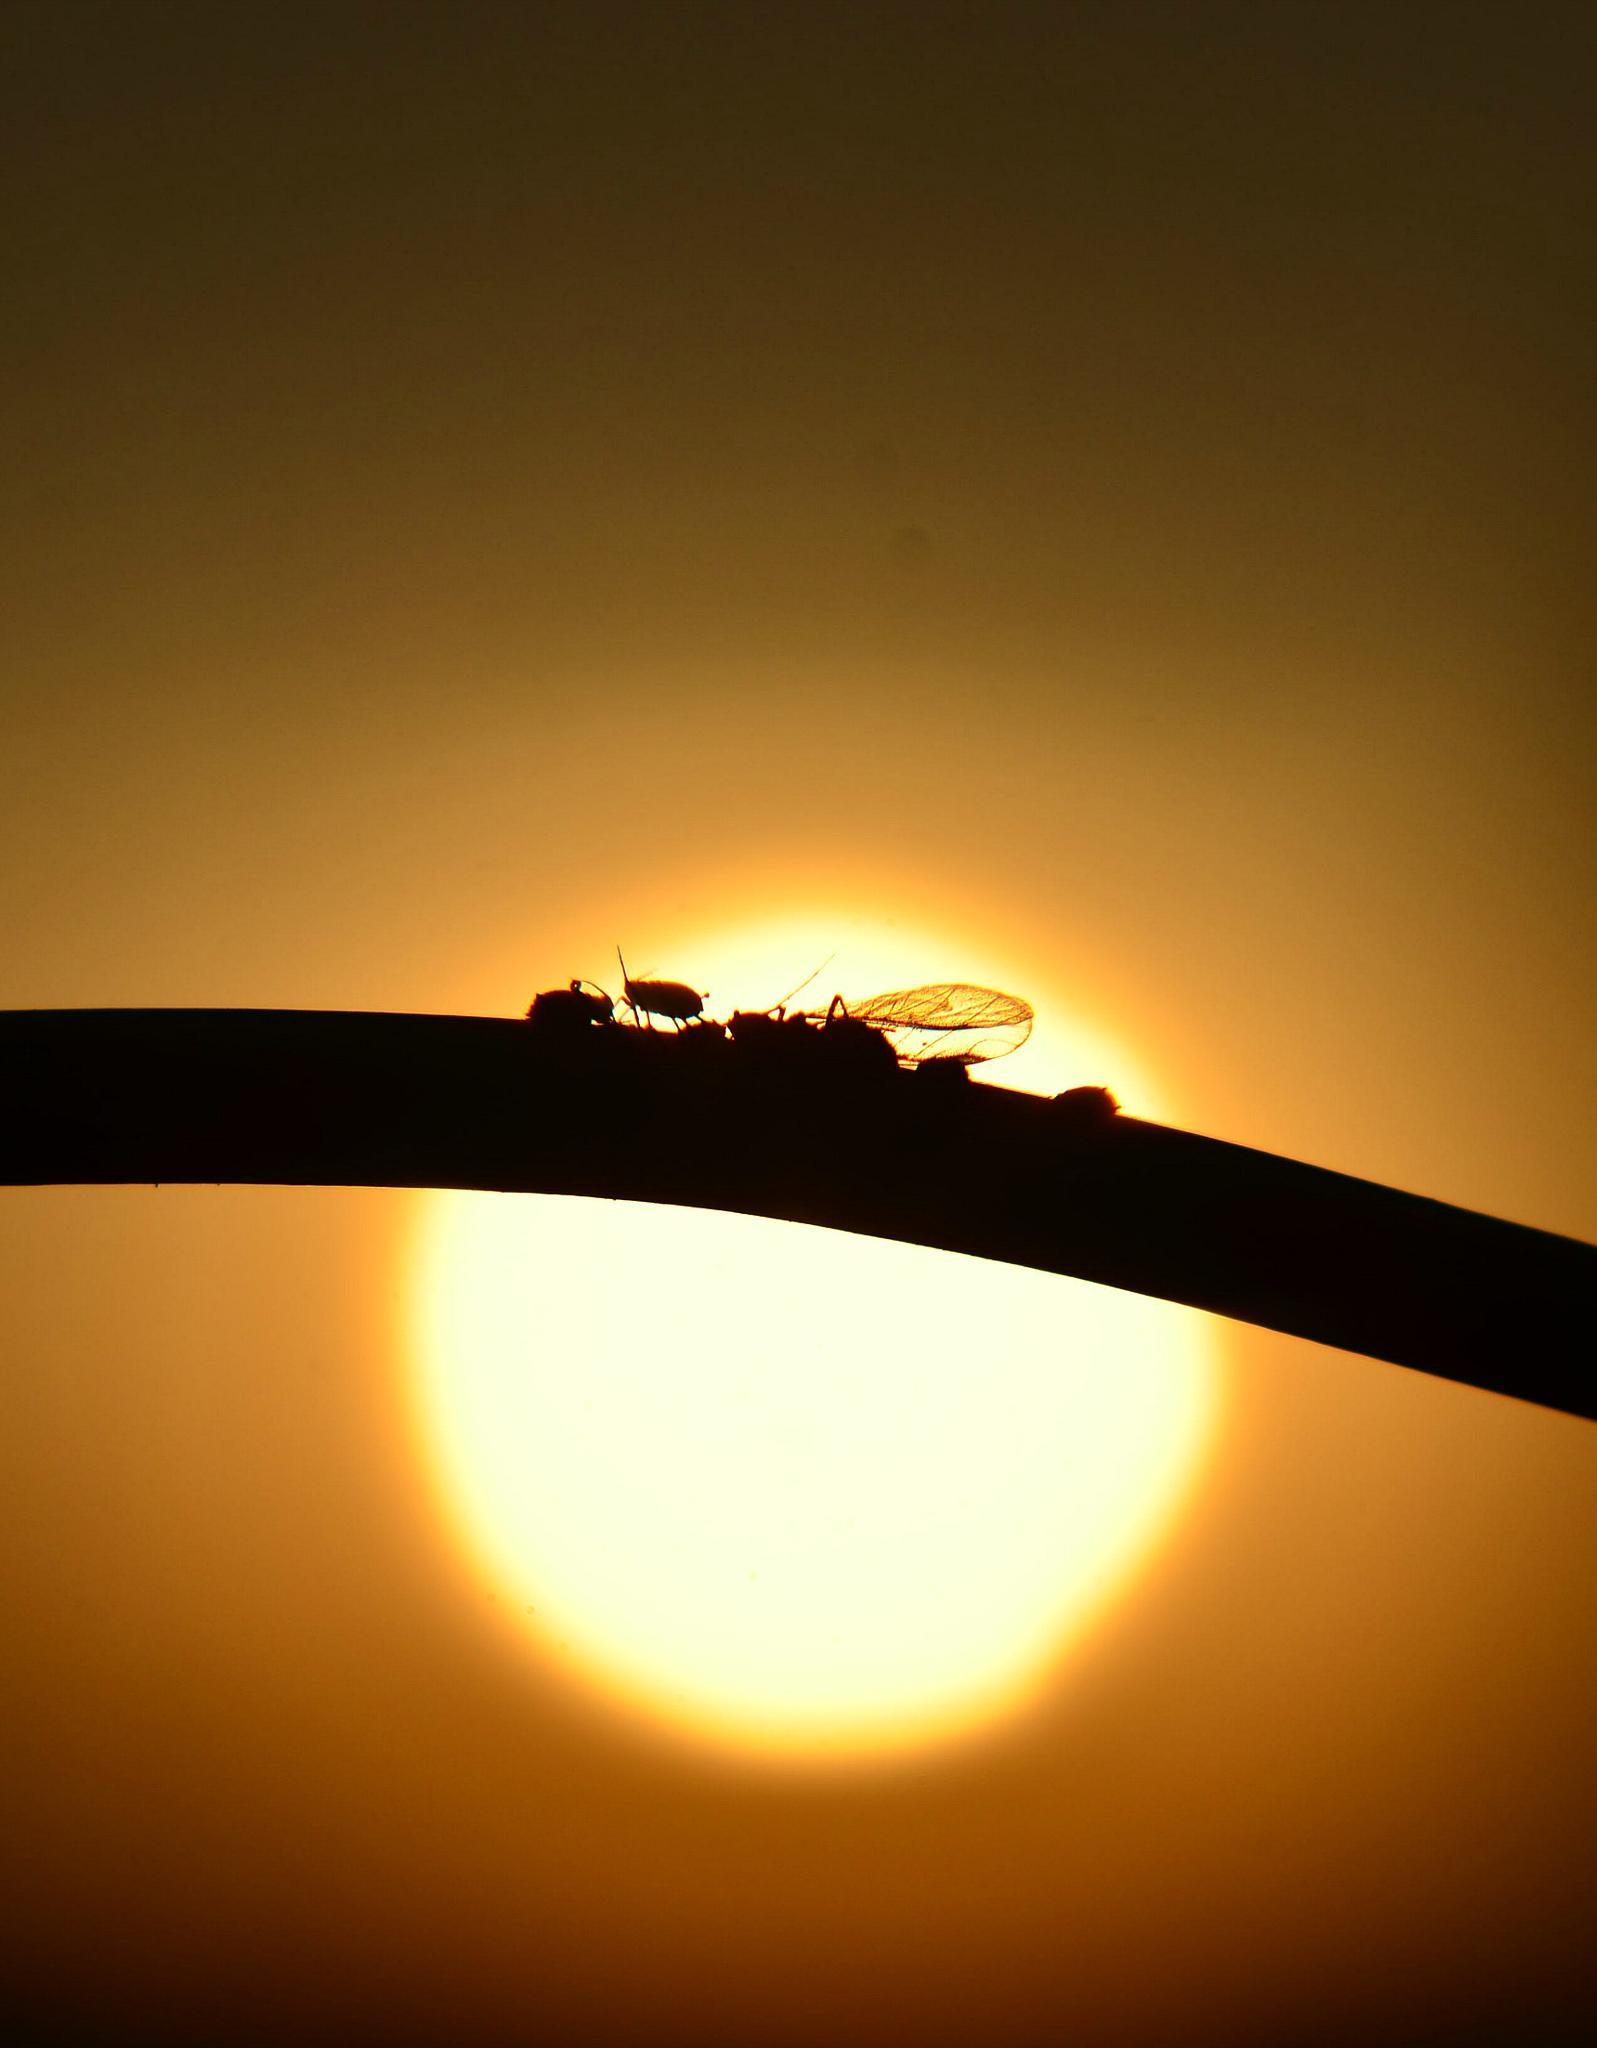 Silhouette van luisjes in de ondergaande zon by cynthia82a